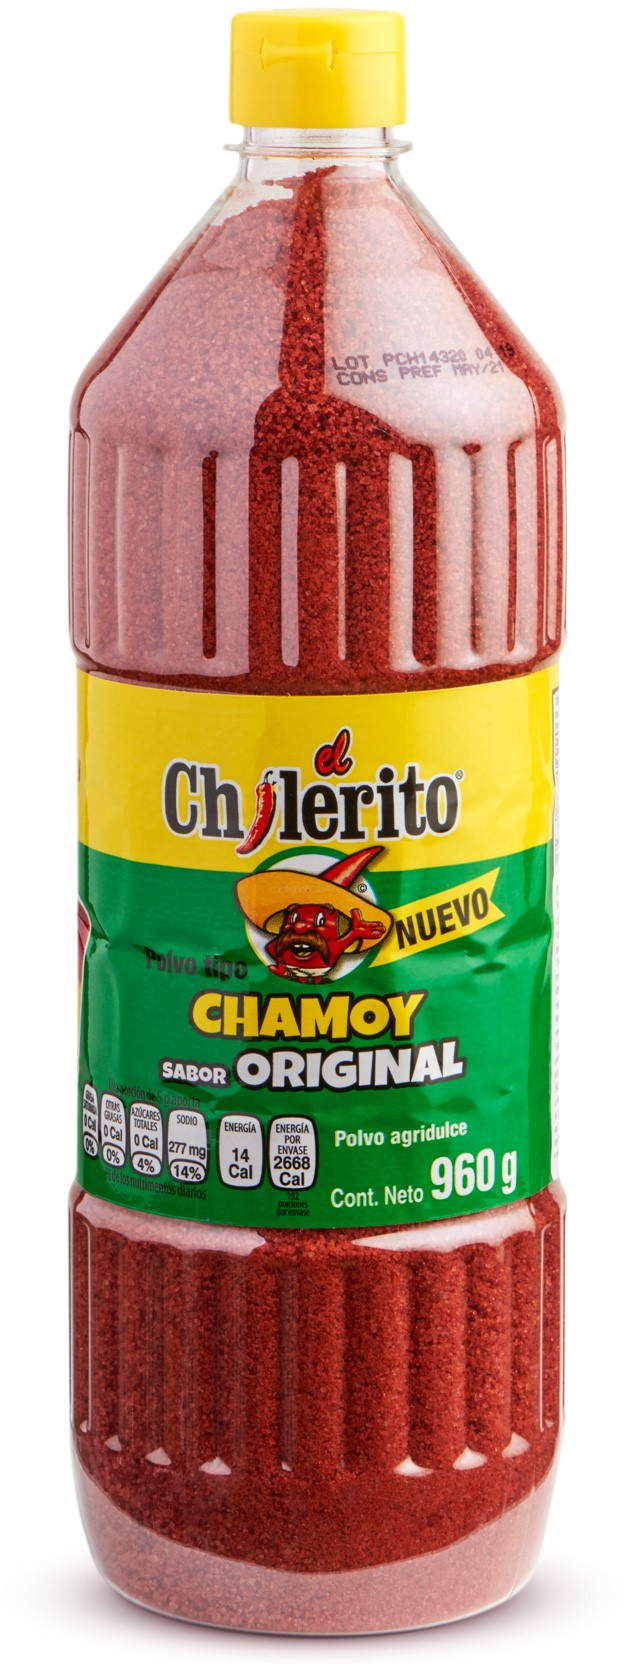 Chilerito CHAMOY ORIGINAL IN PULVER 960 g